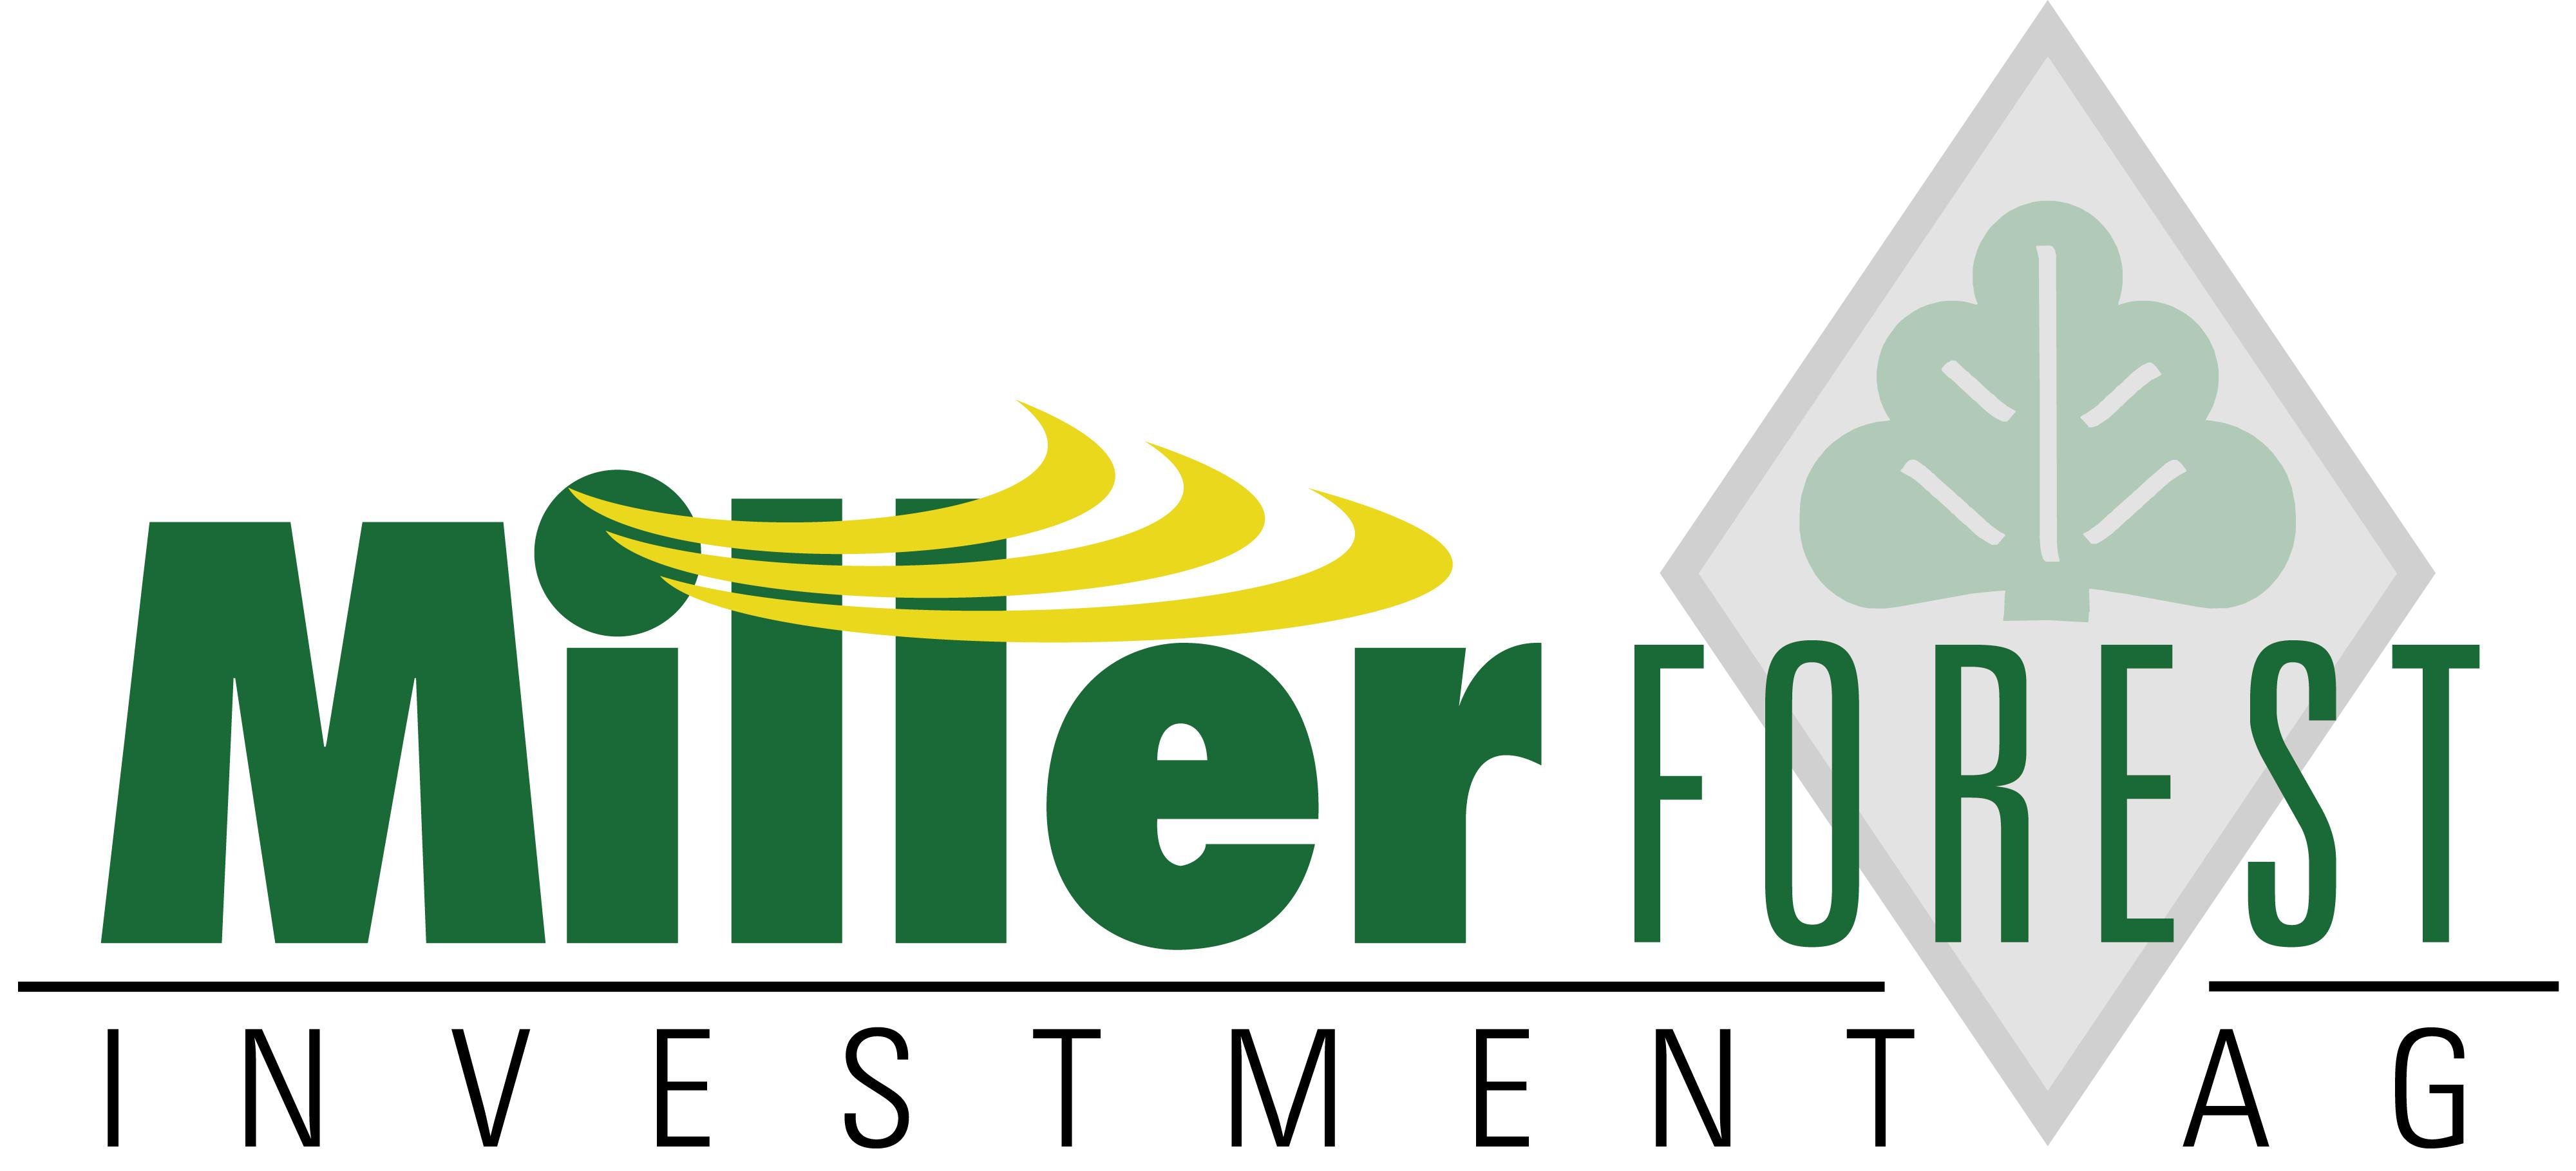 Miller Forest Investment AG